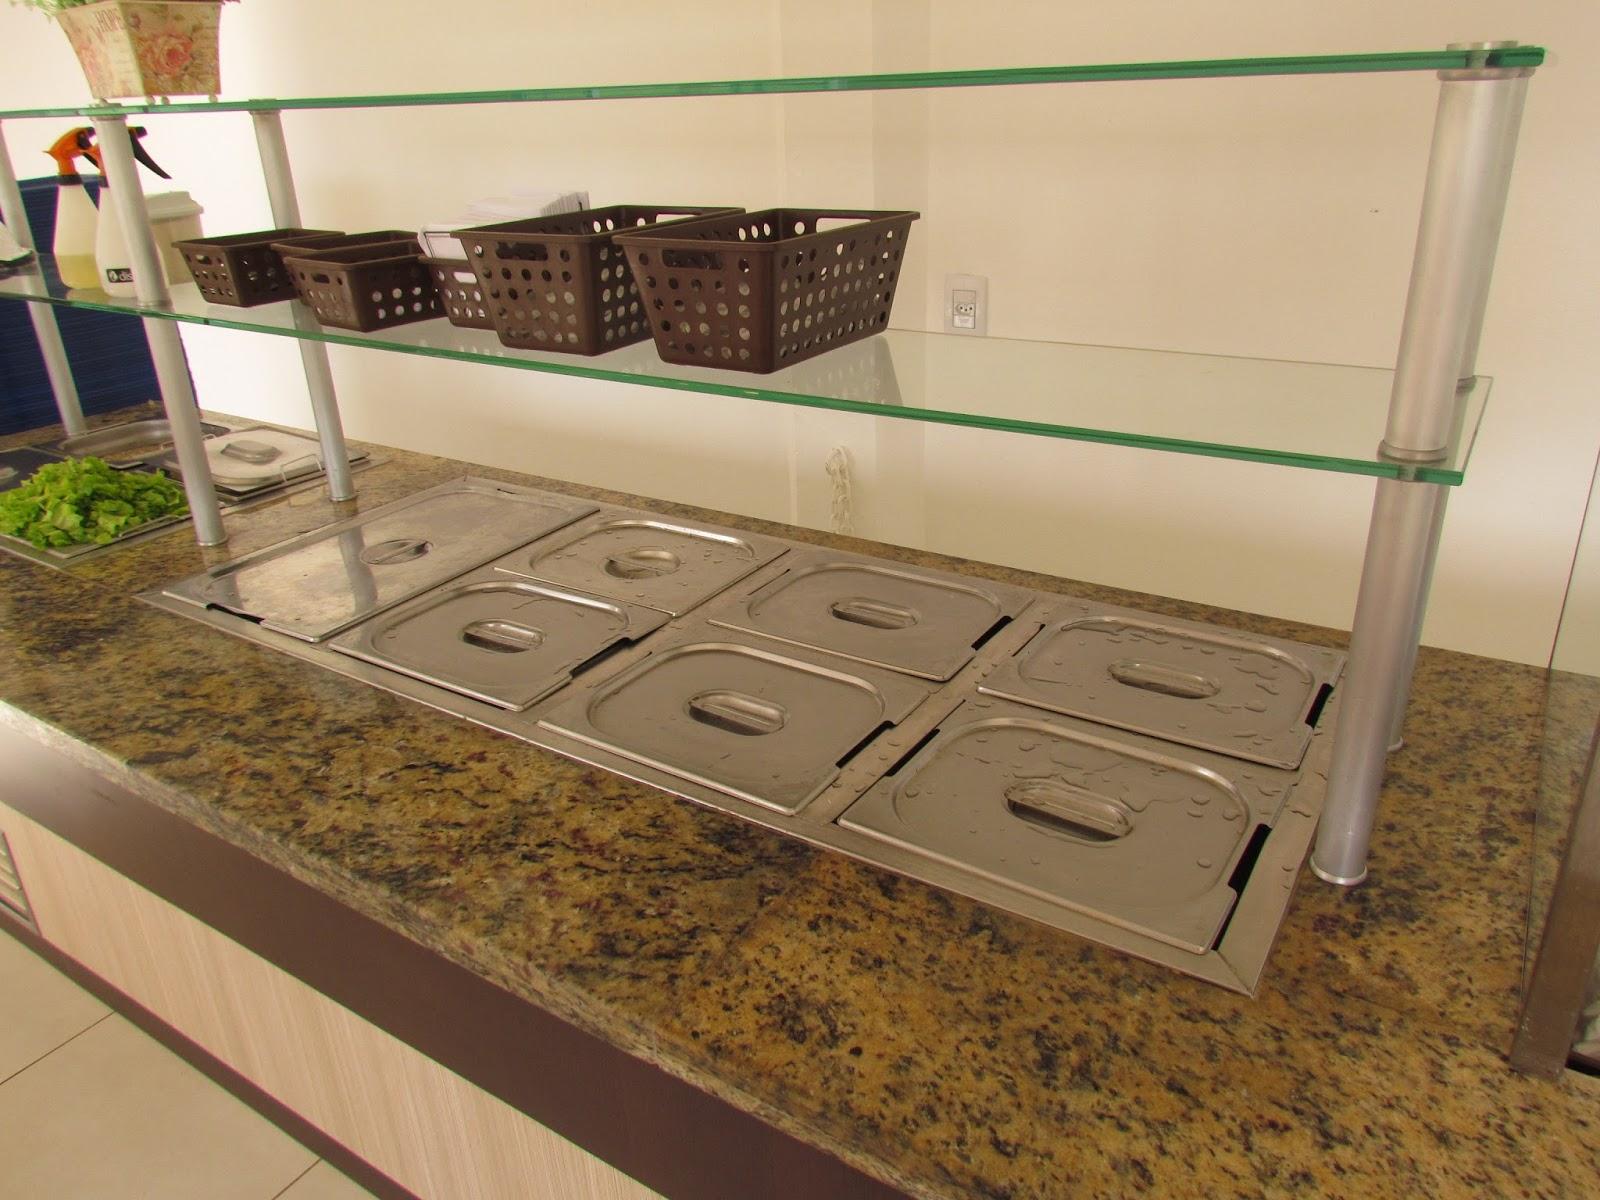 Cascaes Refrigeração: Restaurantes #946D37 1600 1200